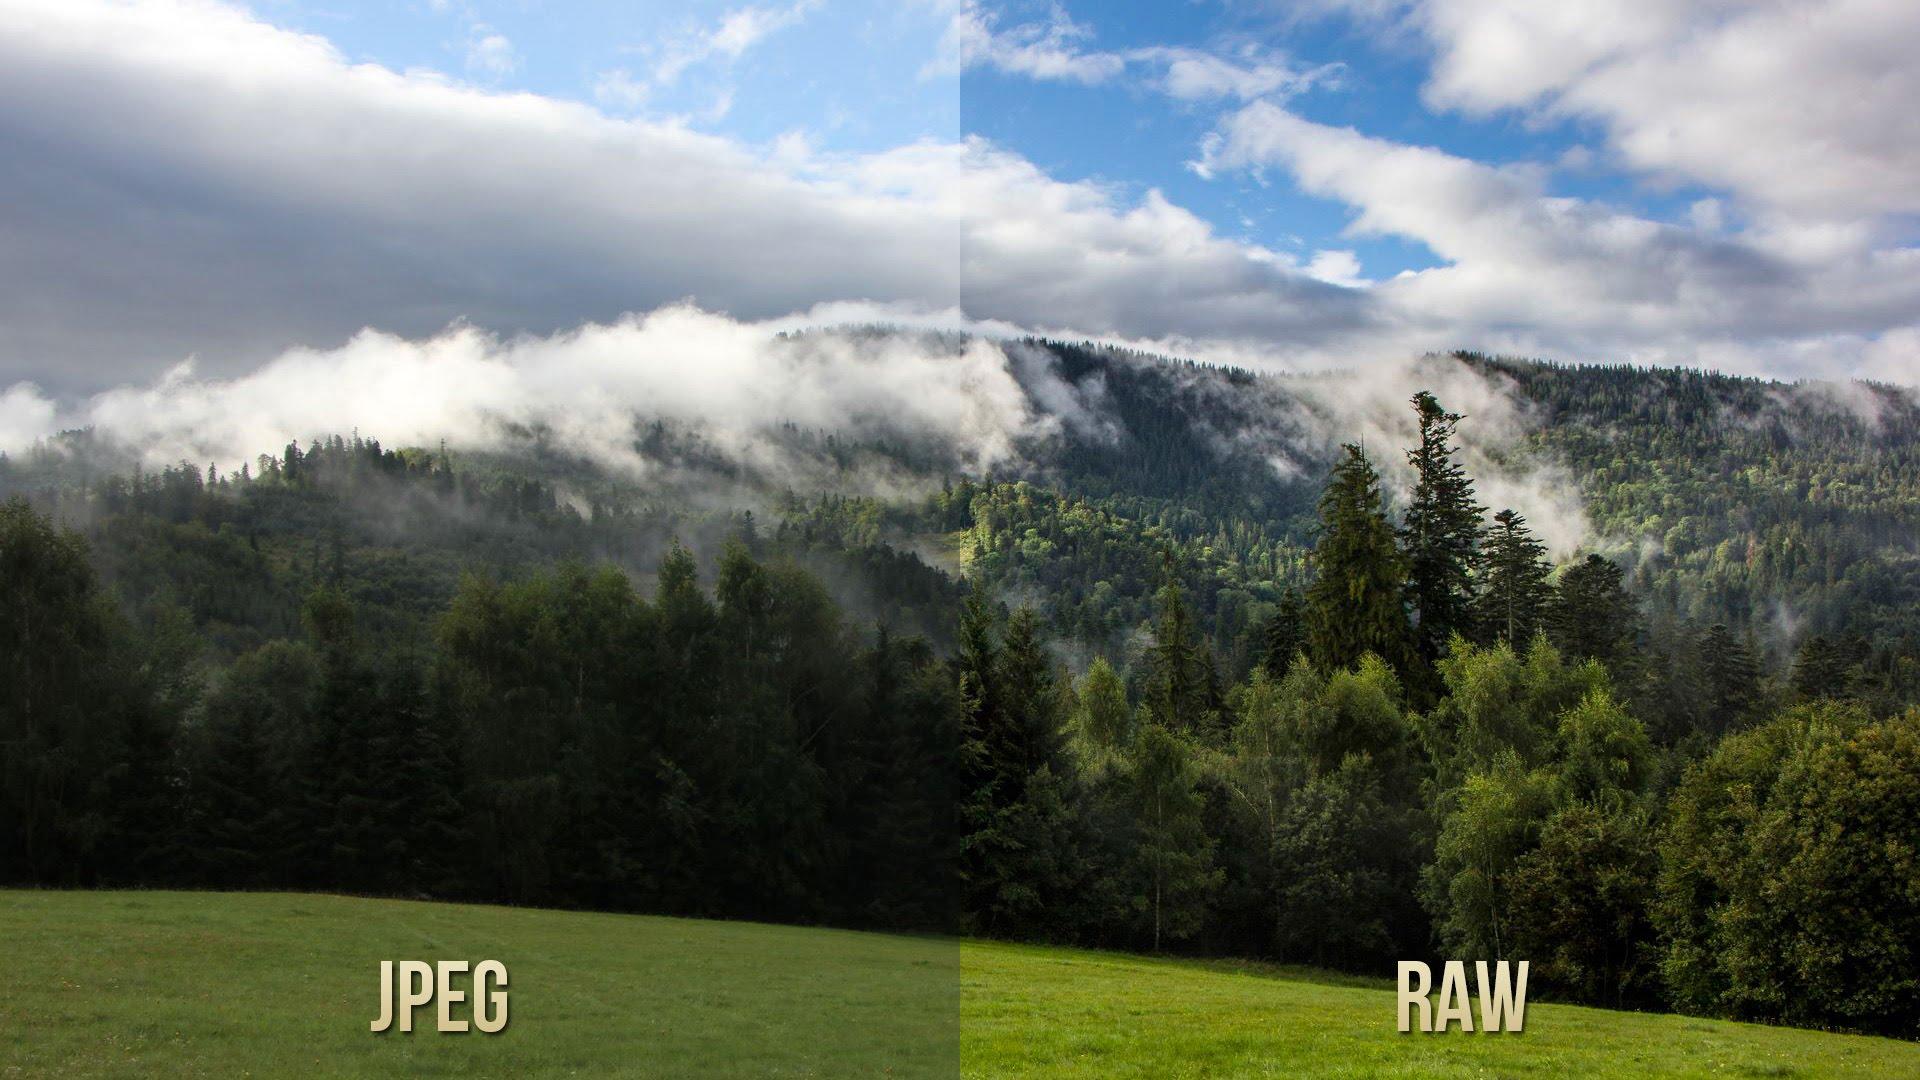 На самом деле сравнивать RAW и JPEG напрямую некорректно: JPEG всегда выглядит одинаково, тогда как отображение RAW может варьироваться в зависимости от применённых в данный момент настроек. Тем не менее в таком сопоставлении есть смысл: JPEG без потерь уже не изменишь, тогда как RAW всегда можно отобразить лучше, поиграв с параметрами!